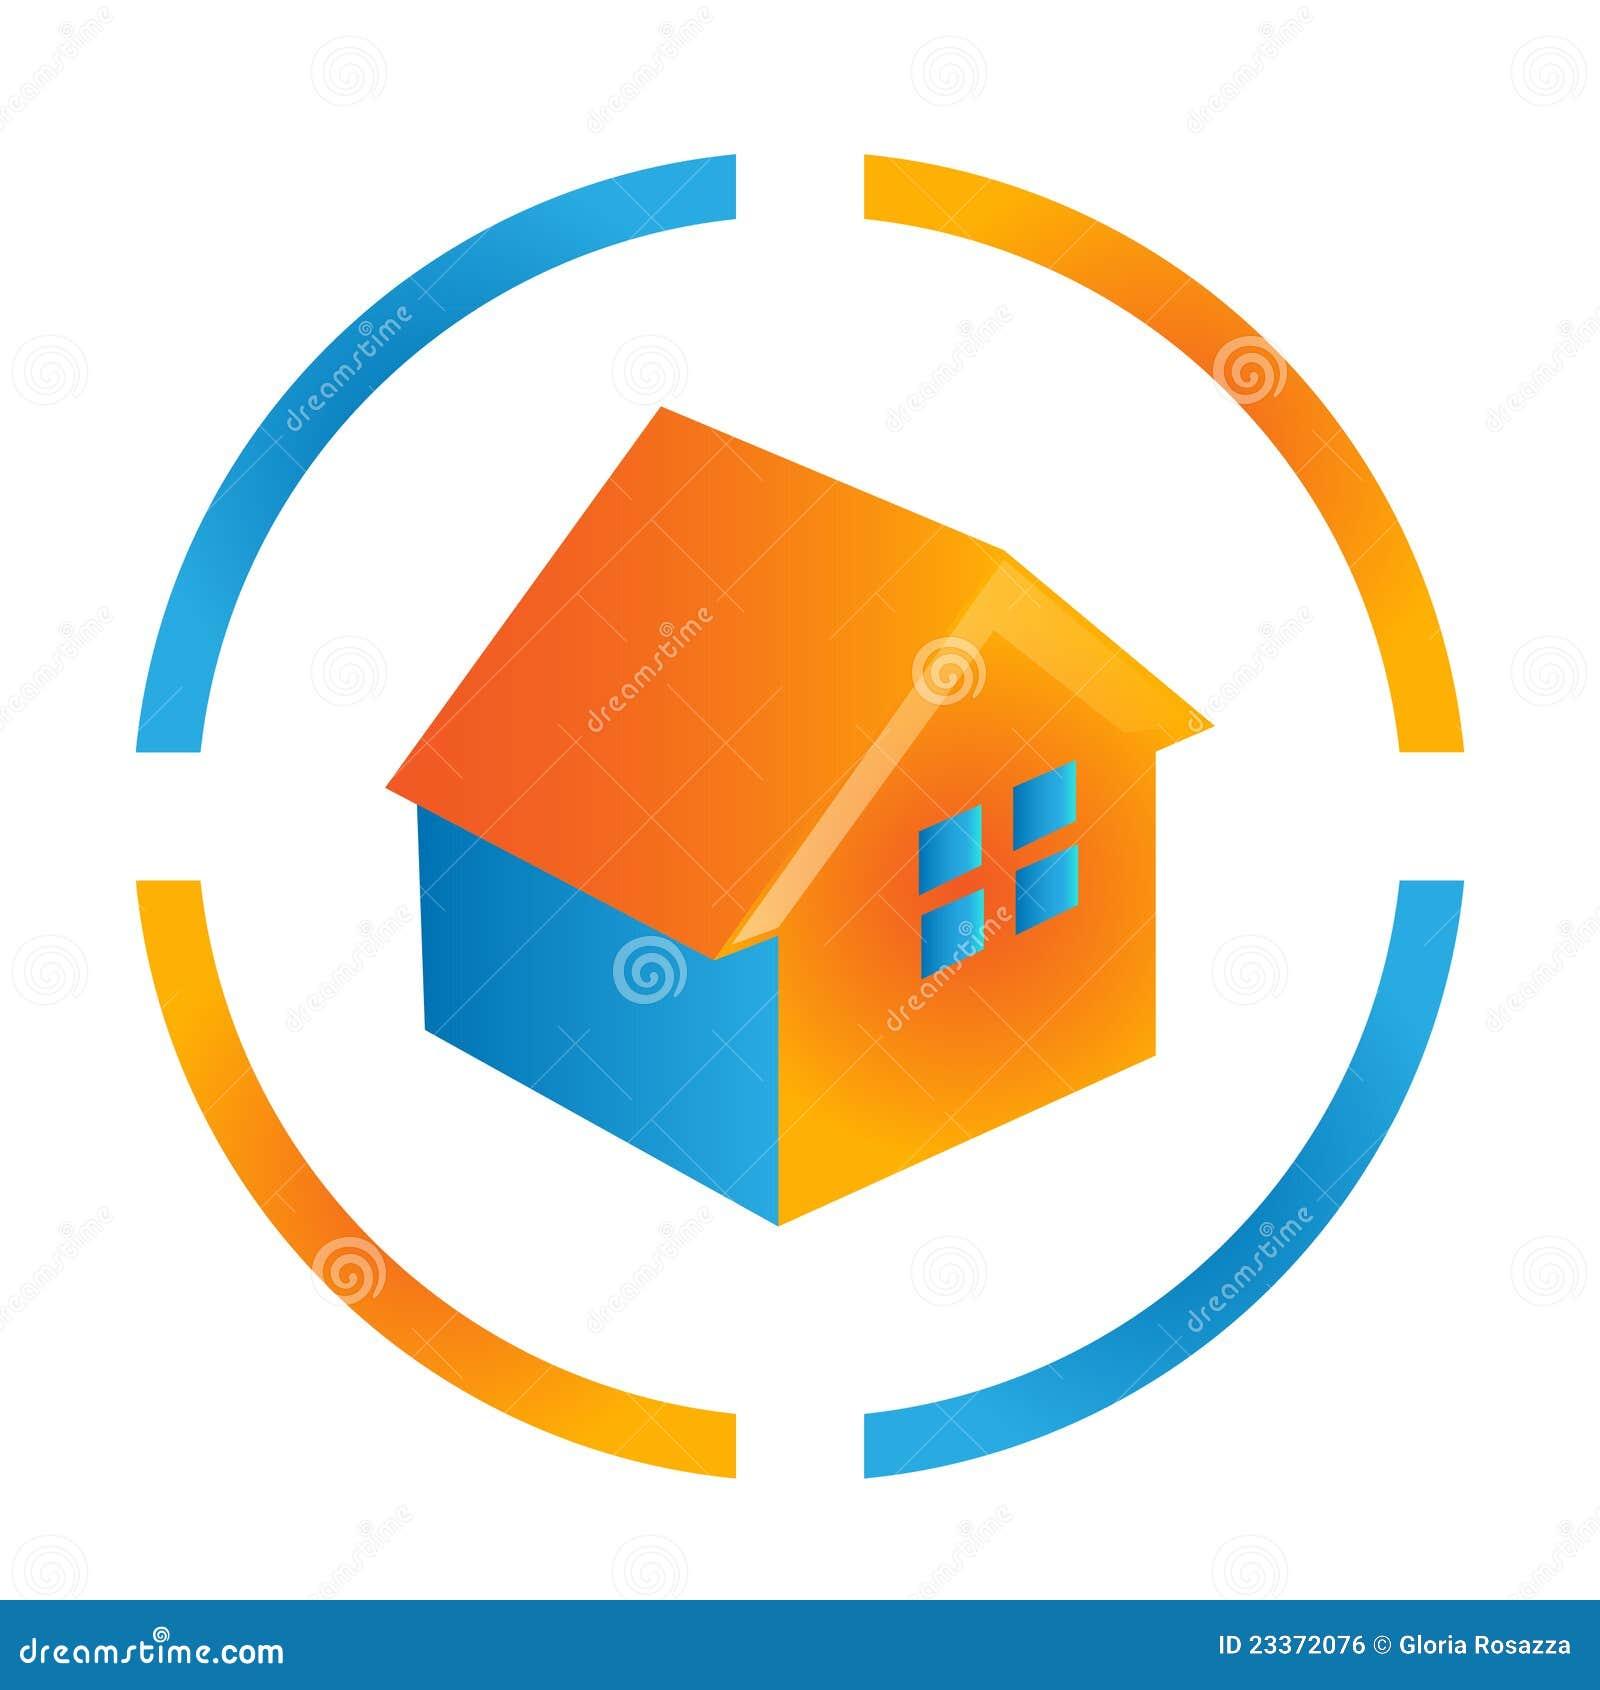 Blue and orange bird logo - photo#10